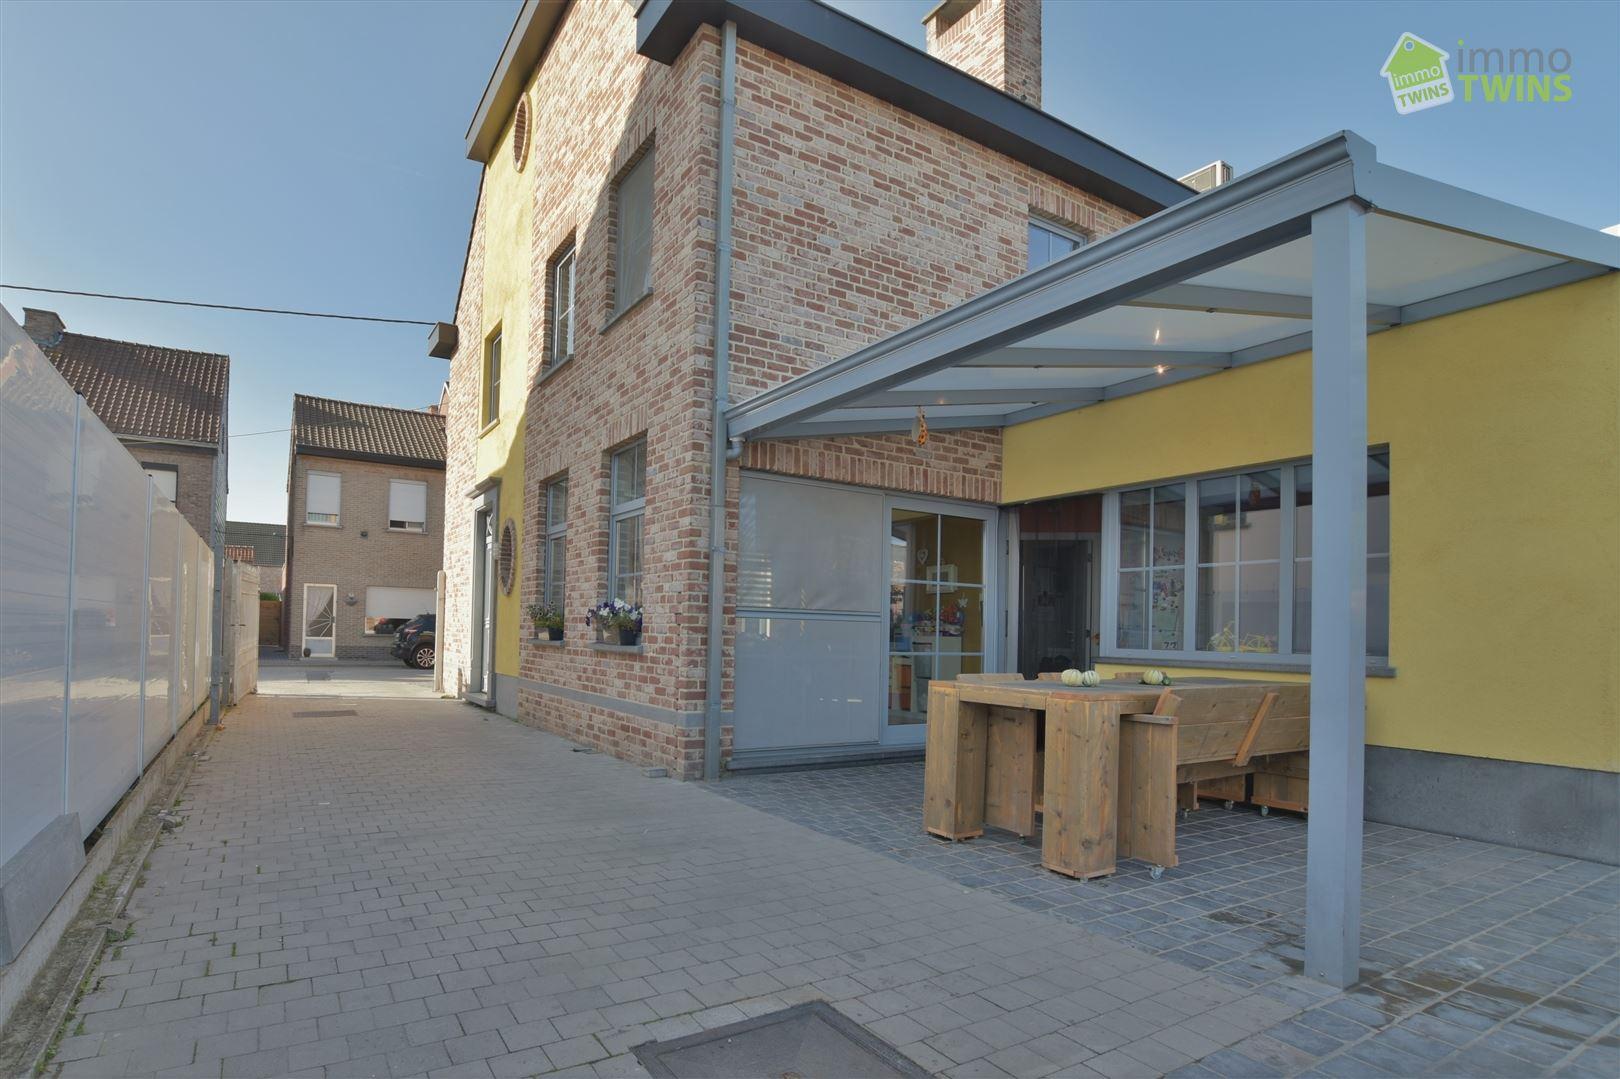 Foto 6 : Huis te 9200 BAASRODE (België) - Prijs € 349.000